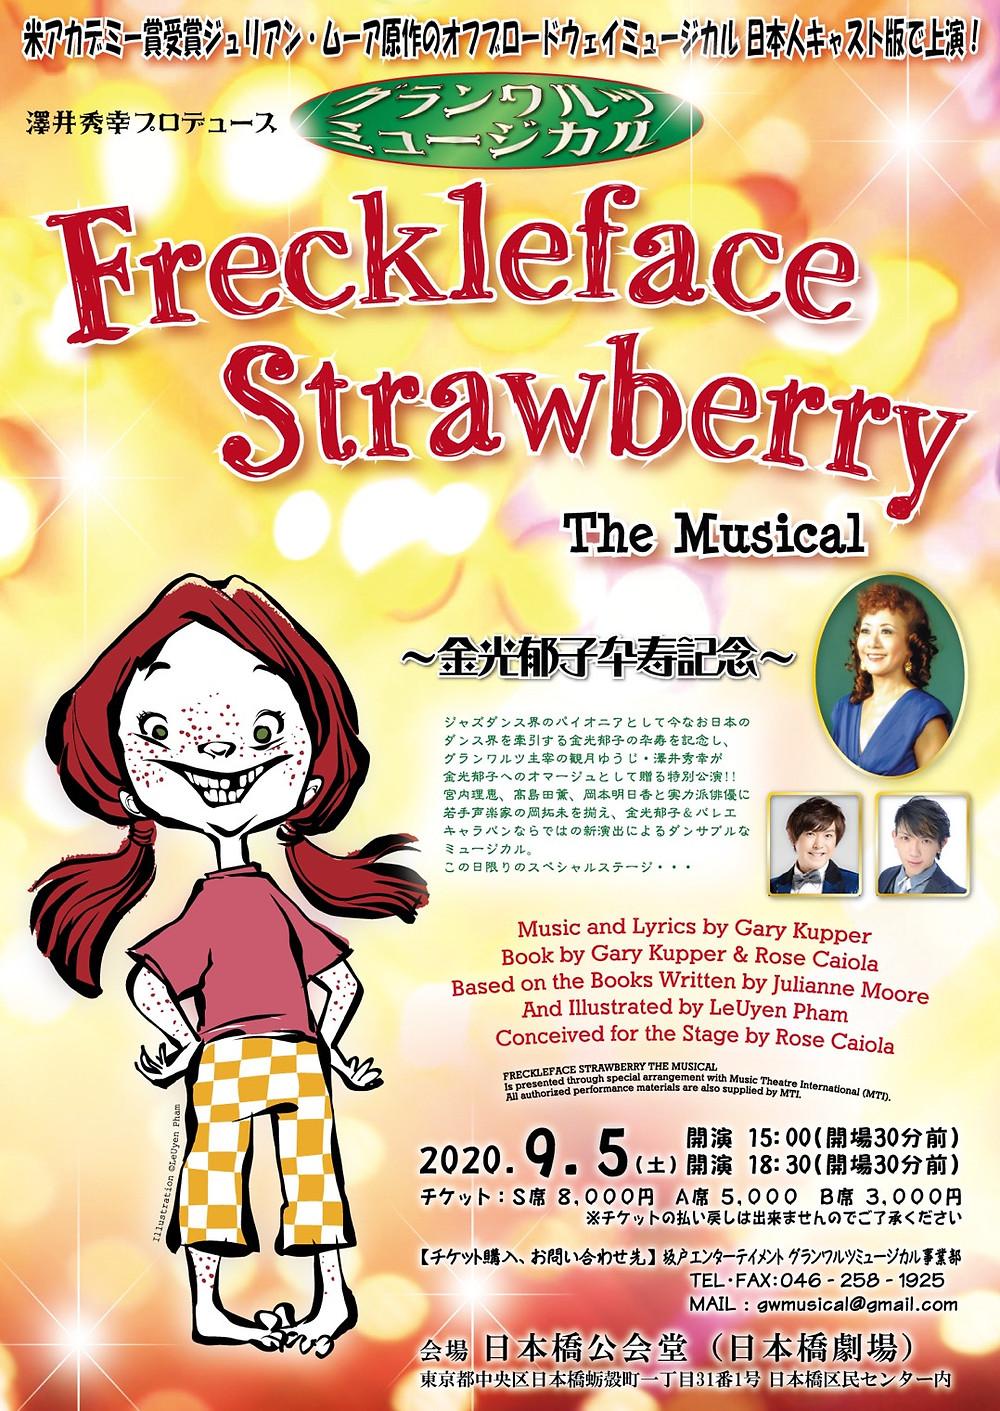 【公演再開のお知らせ】金光郁子卆寿記念「Freckleface Strawberry」 2020年9月5日 日本橋公会堂(日本橋劇場)にて